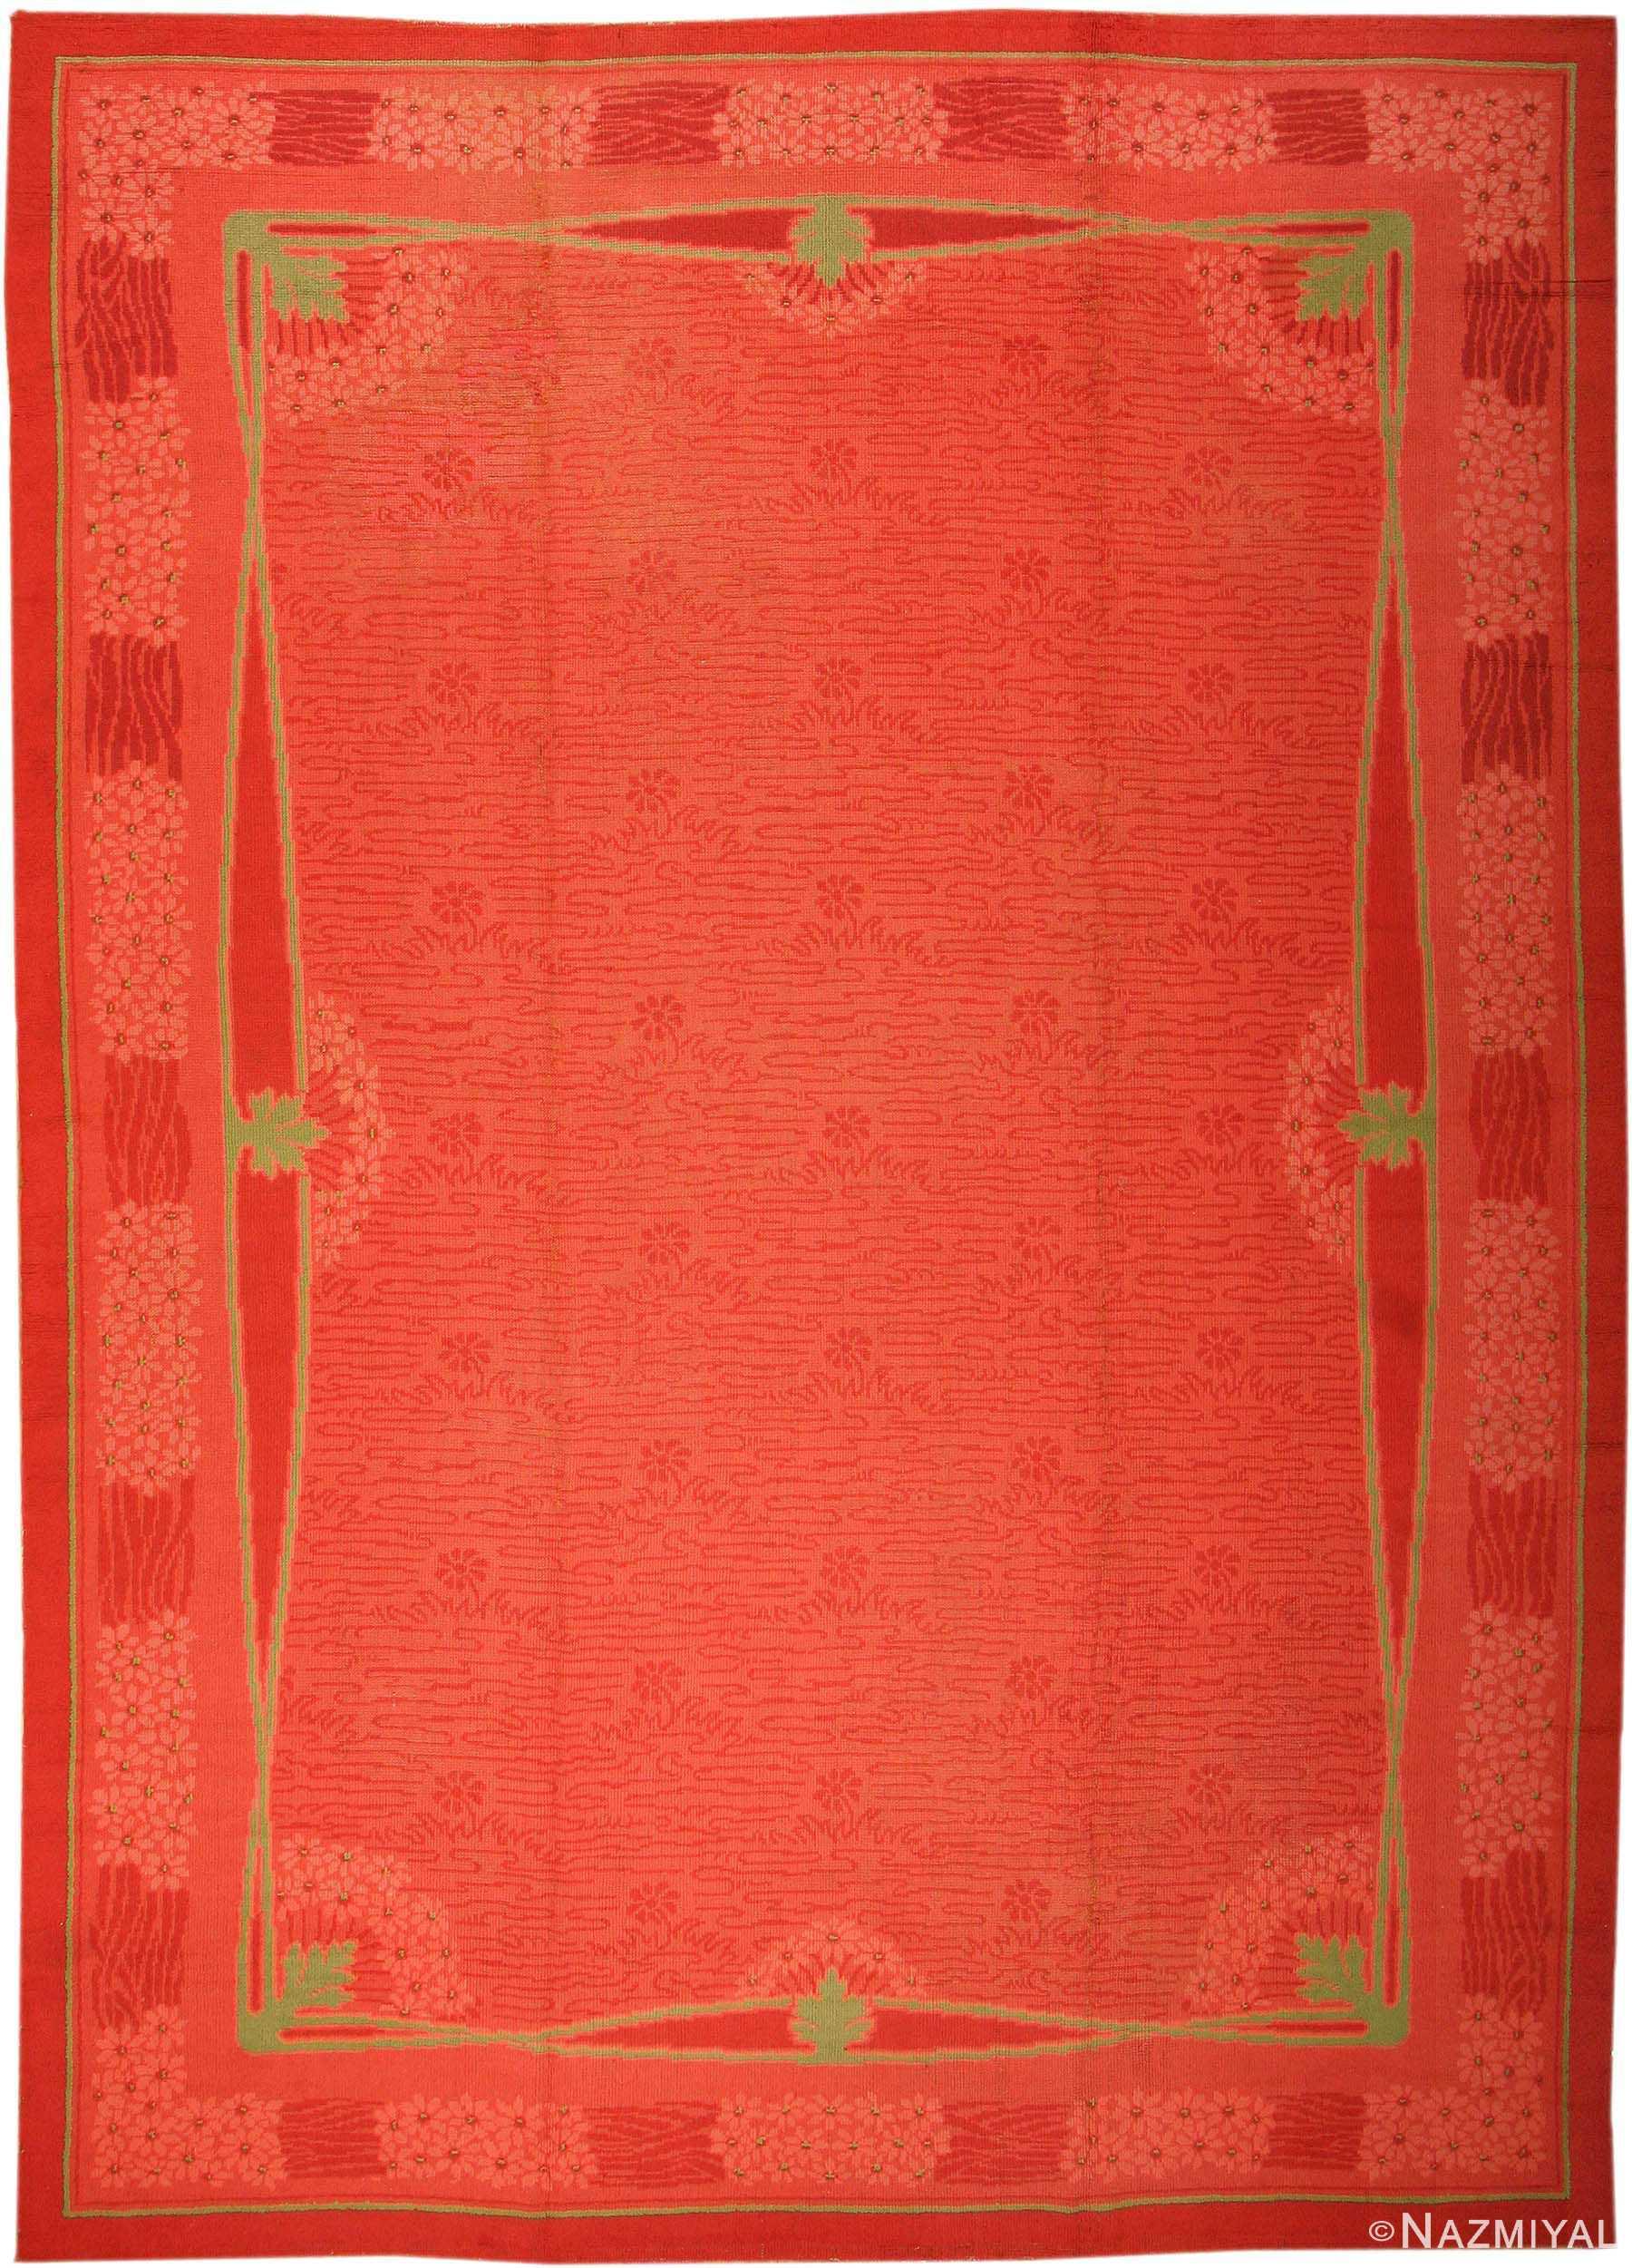 large size french art deco vintage rug 3217 Nazmiyal